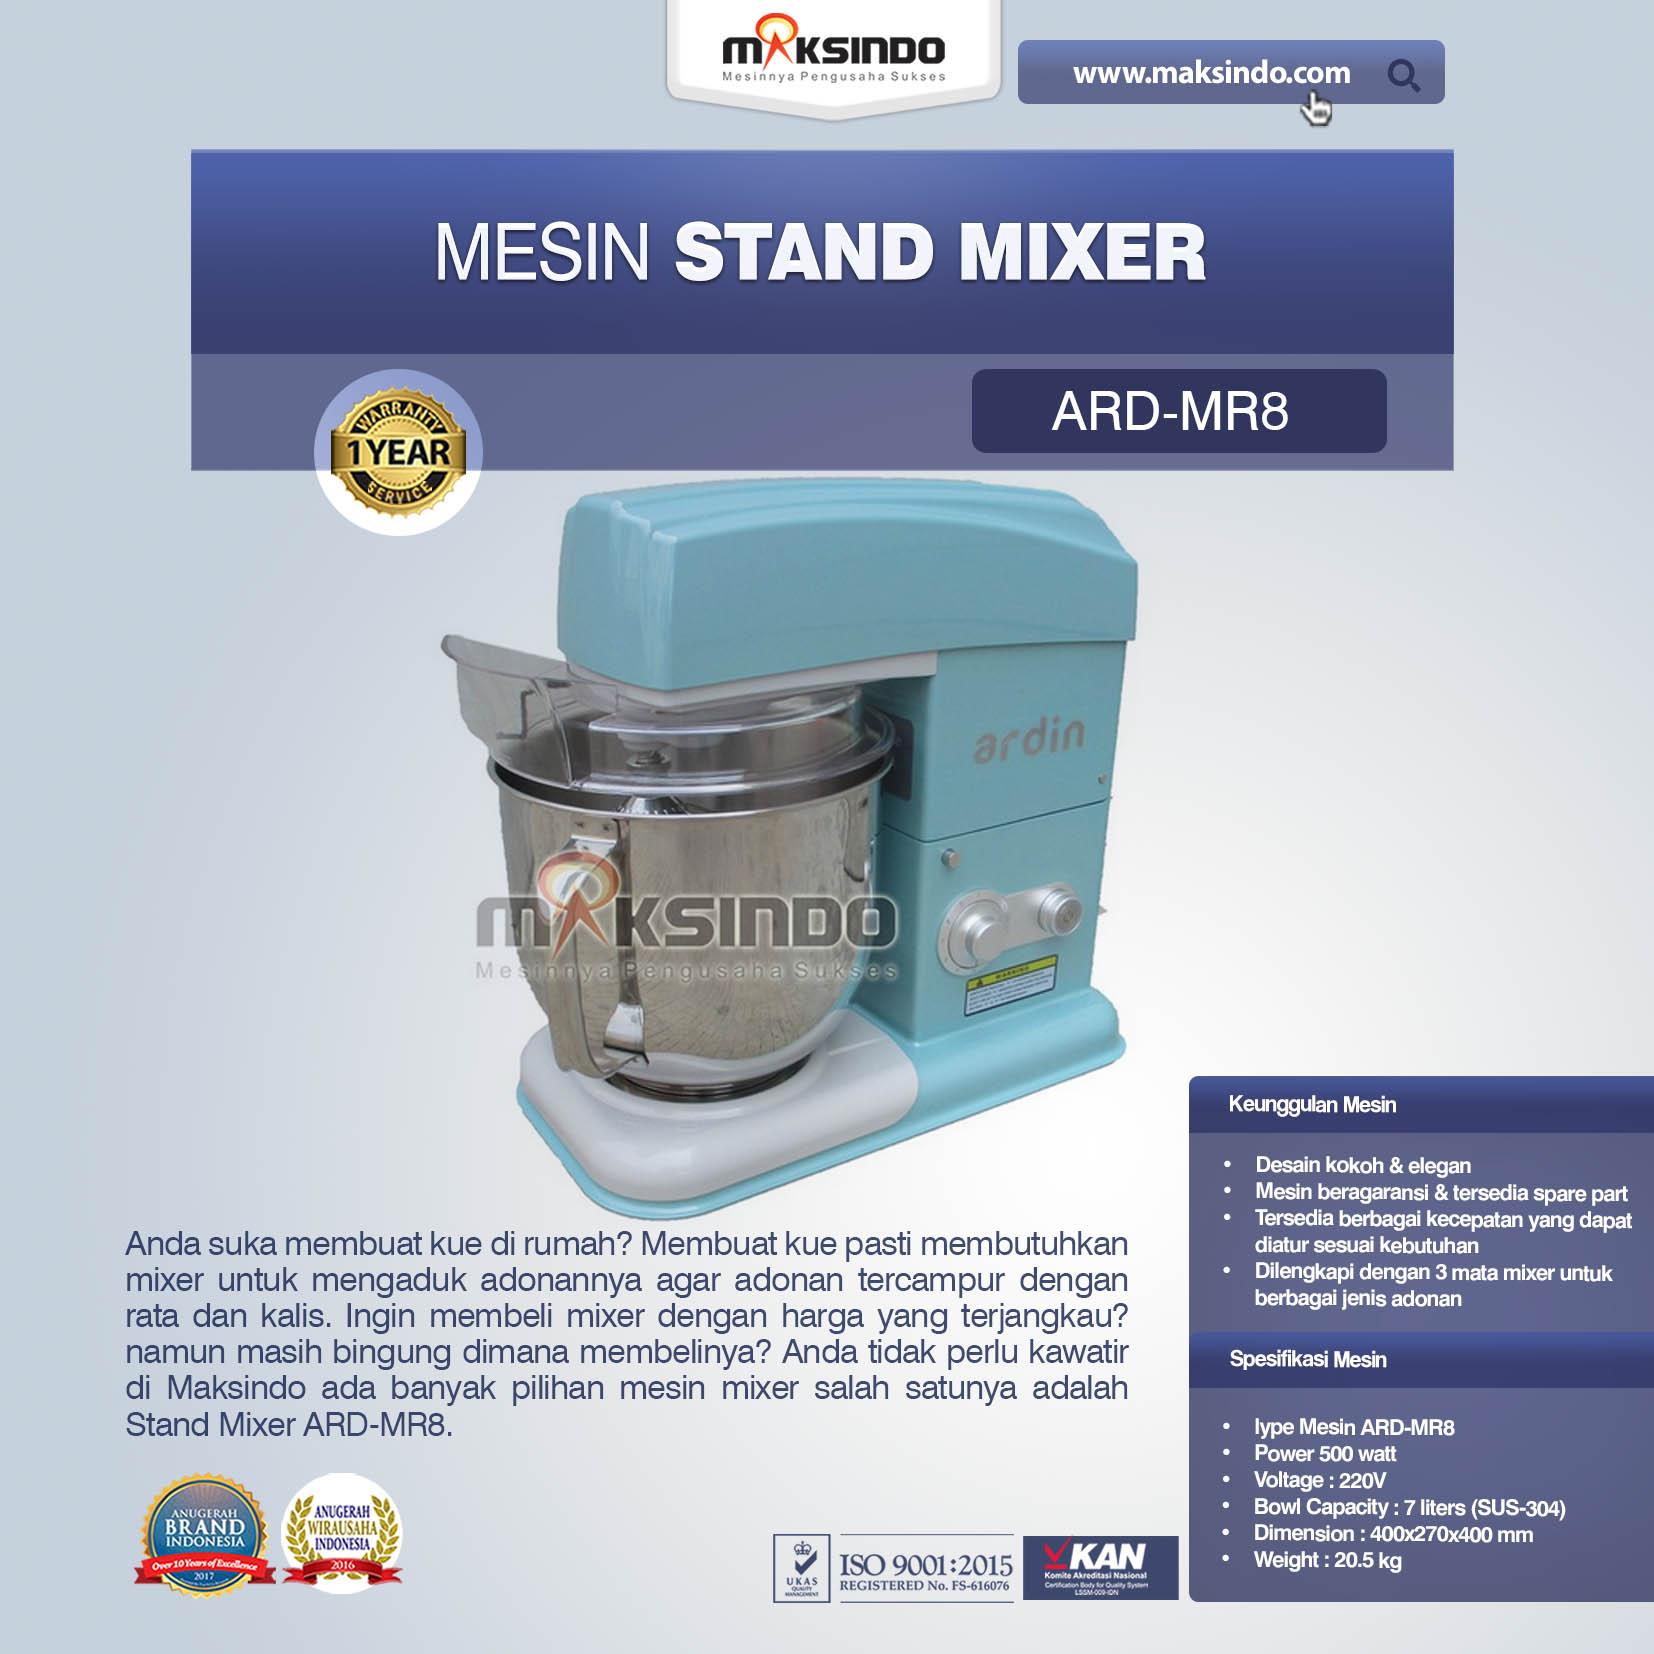 Jual Stand Mixer ARD-MP8 di Tangerang